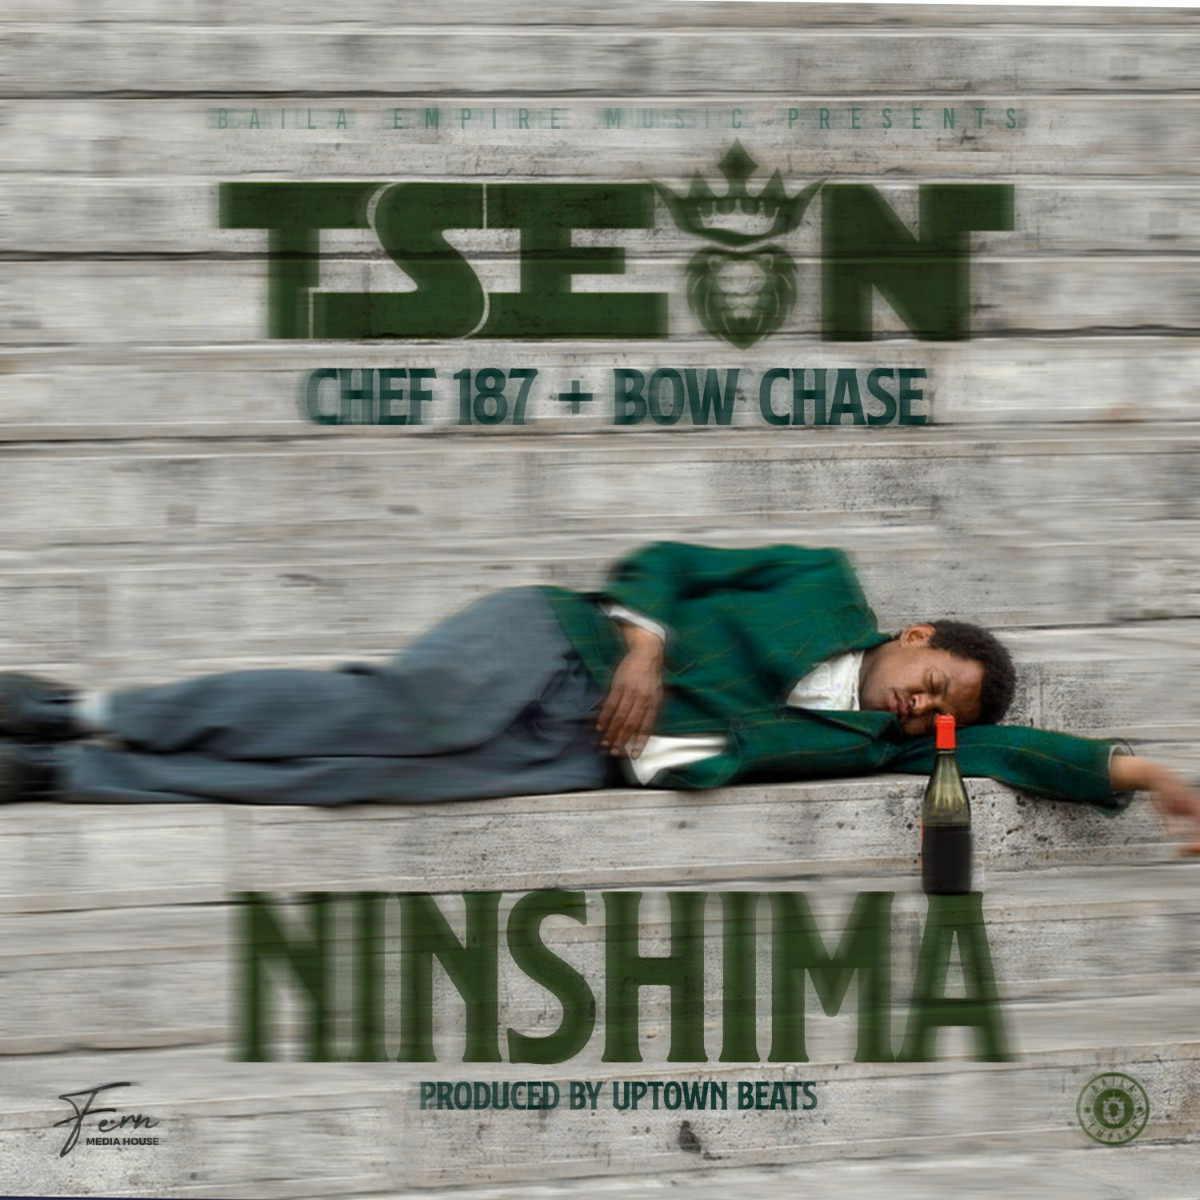 """T-Sean ft. Chef 187 & Bow Chase – """"Ninshima"""""""